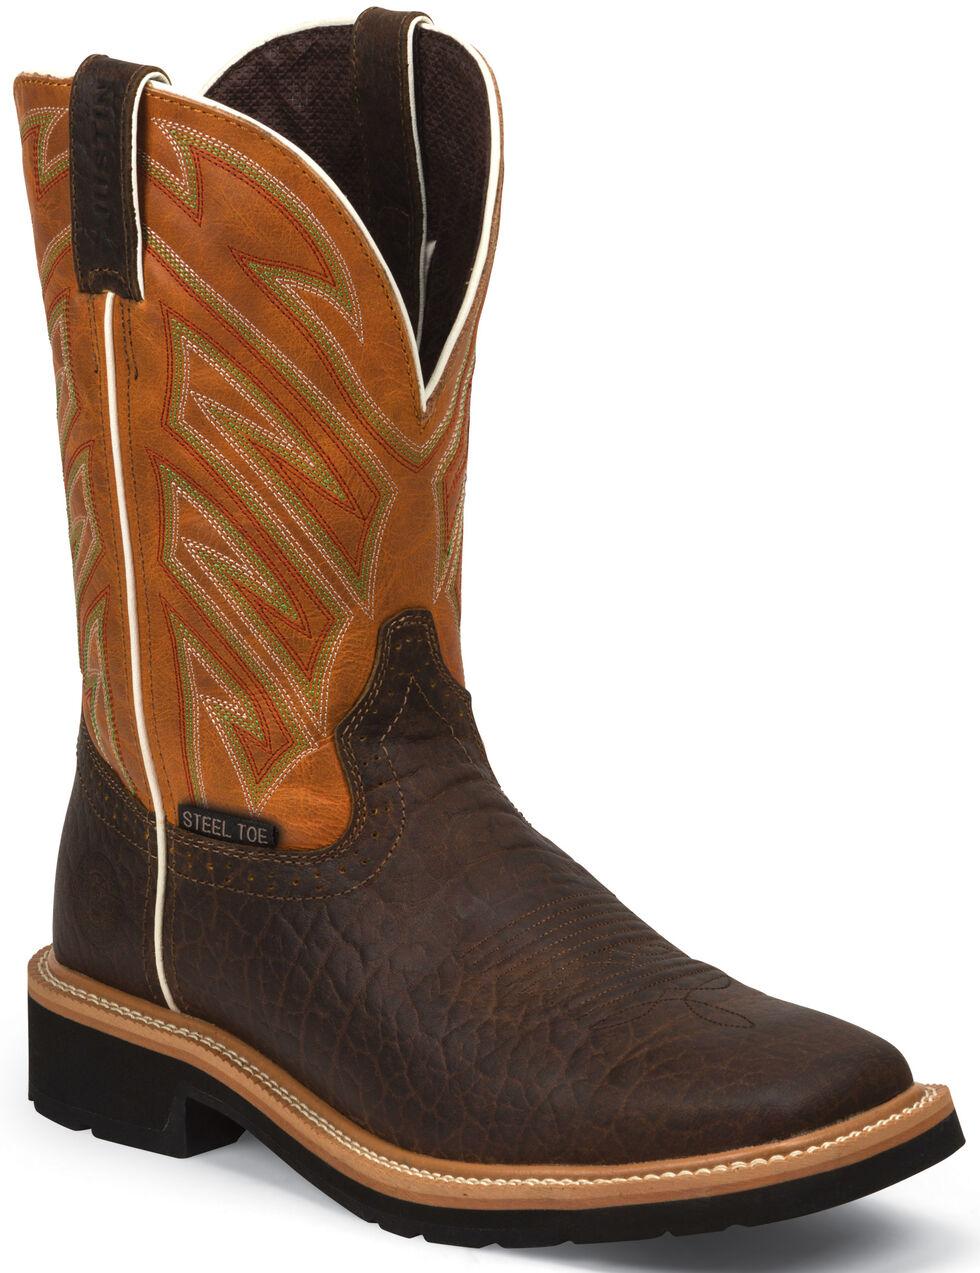 Justin Men's Stampede Electrician EH Work Boots - Steel Toe, Chestnut, hi-res